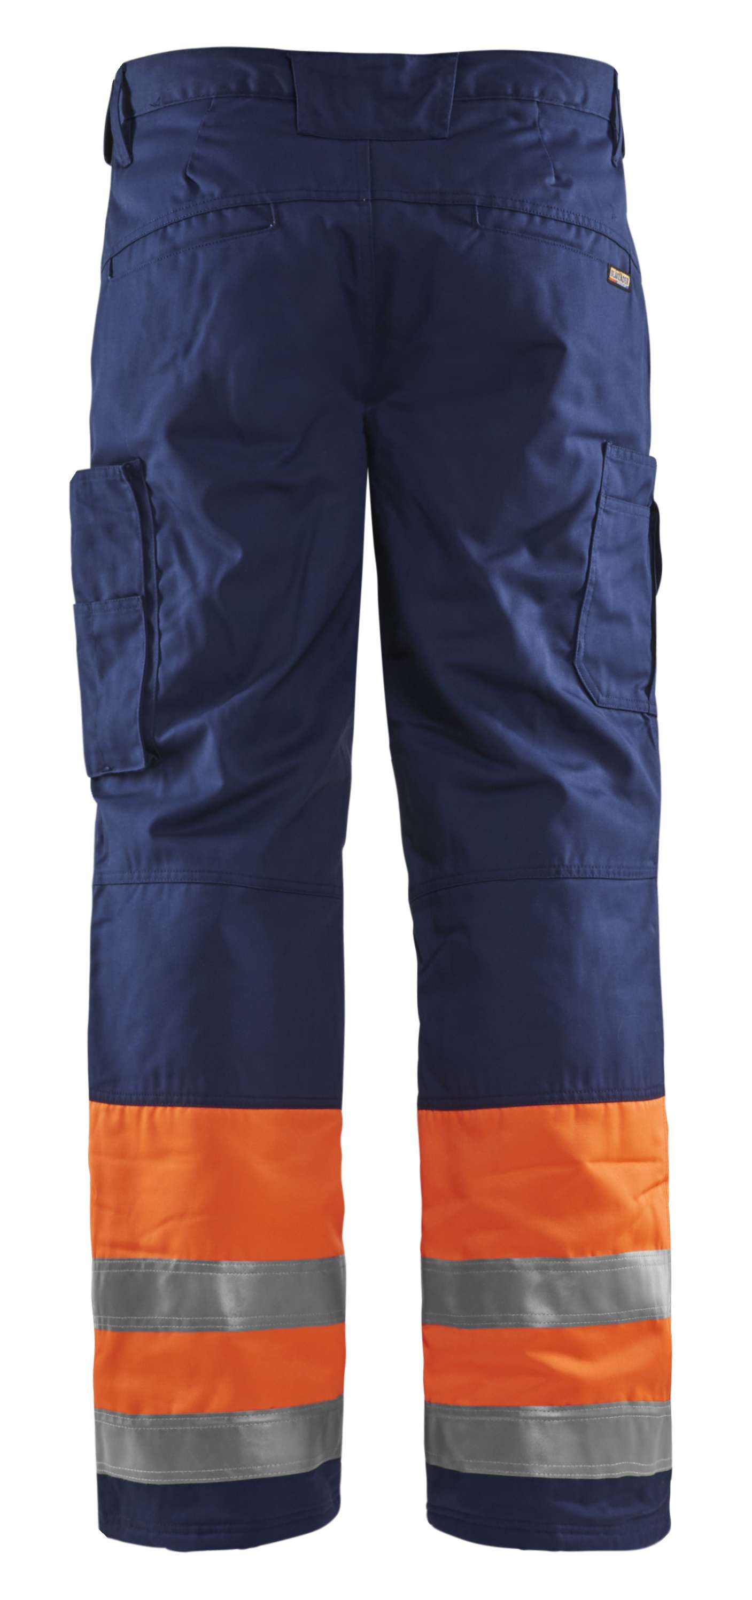 Blaklader Winterwerkbroeken 18621811 High Vis oranje-marineblauw(5389)